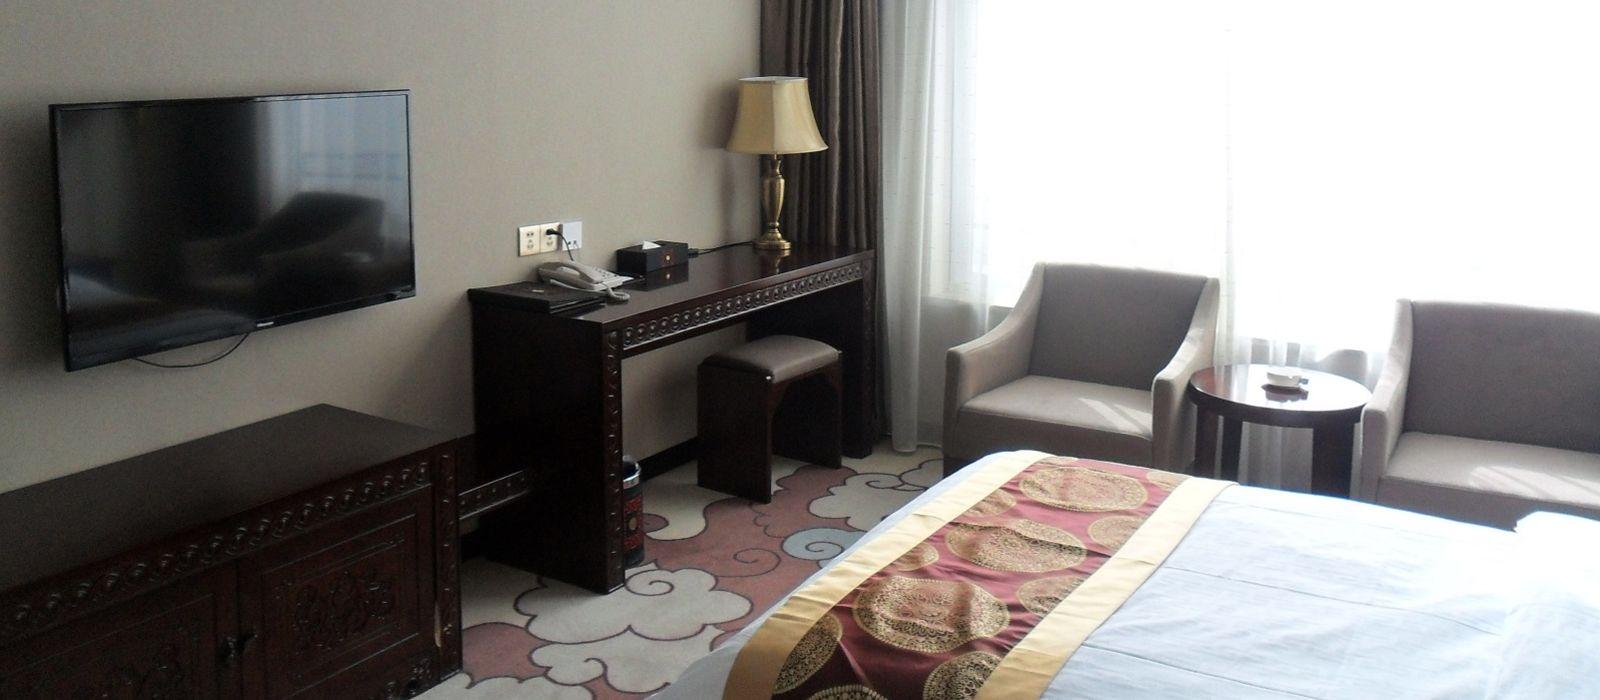 Hotel Tangka  Lhasa Tibet